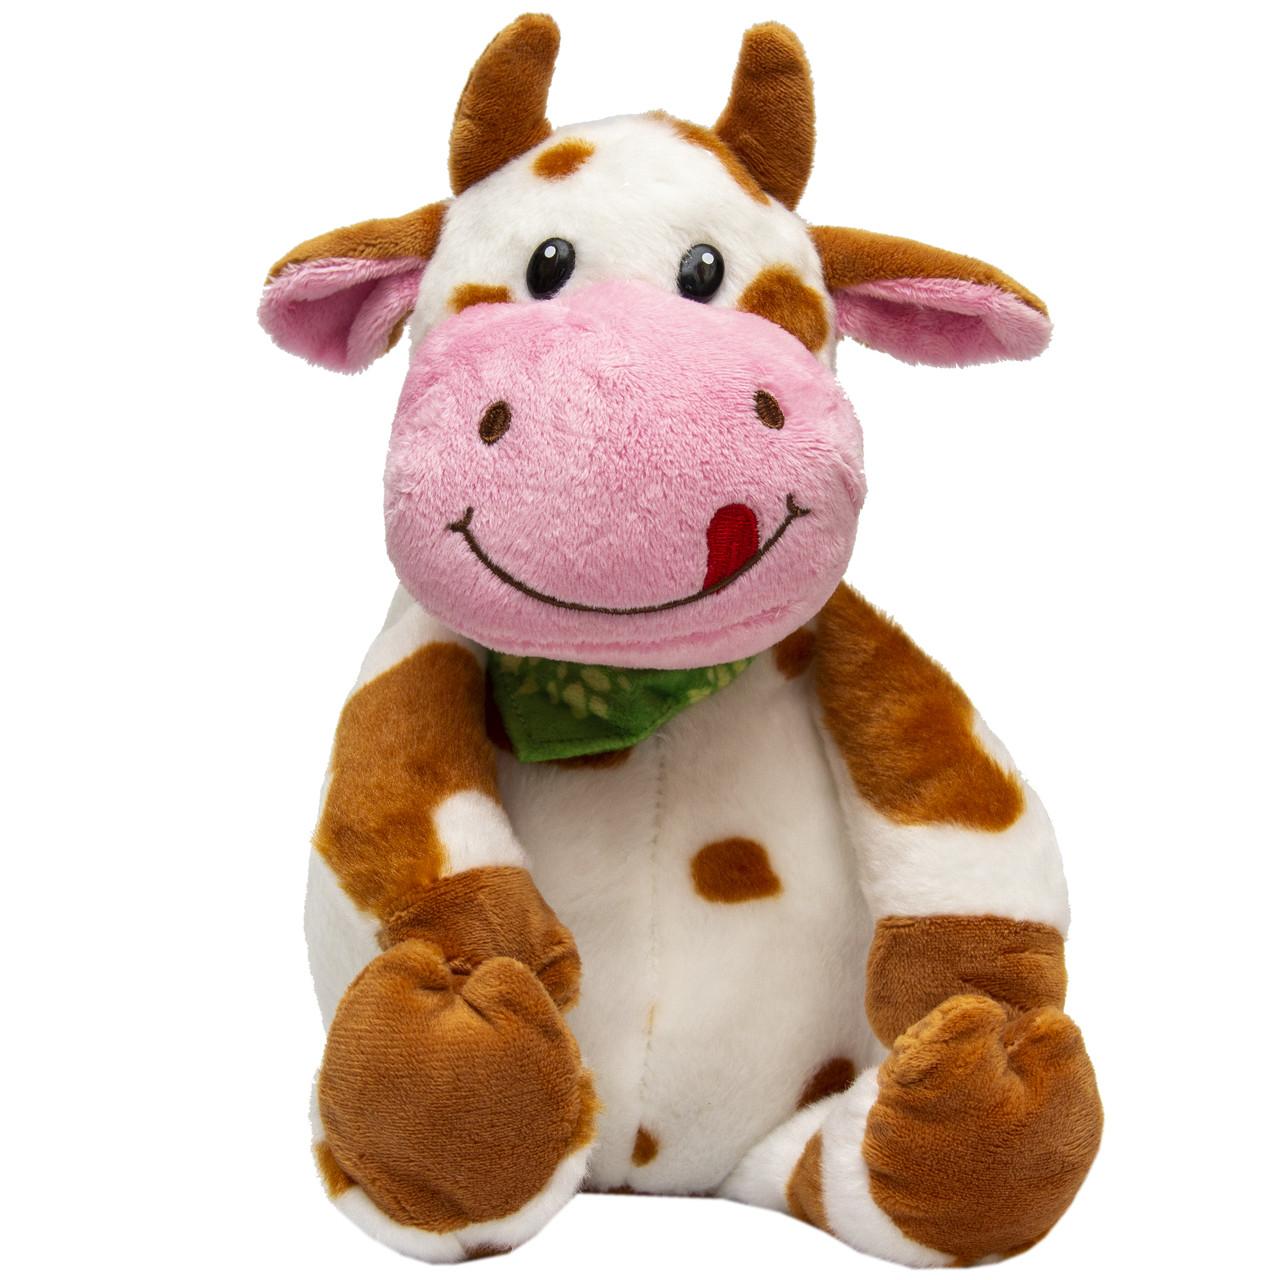 М'яка іграшка - бик з хустинкою, 23 см, біло-рудий, плюш (395094)